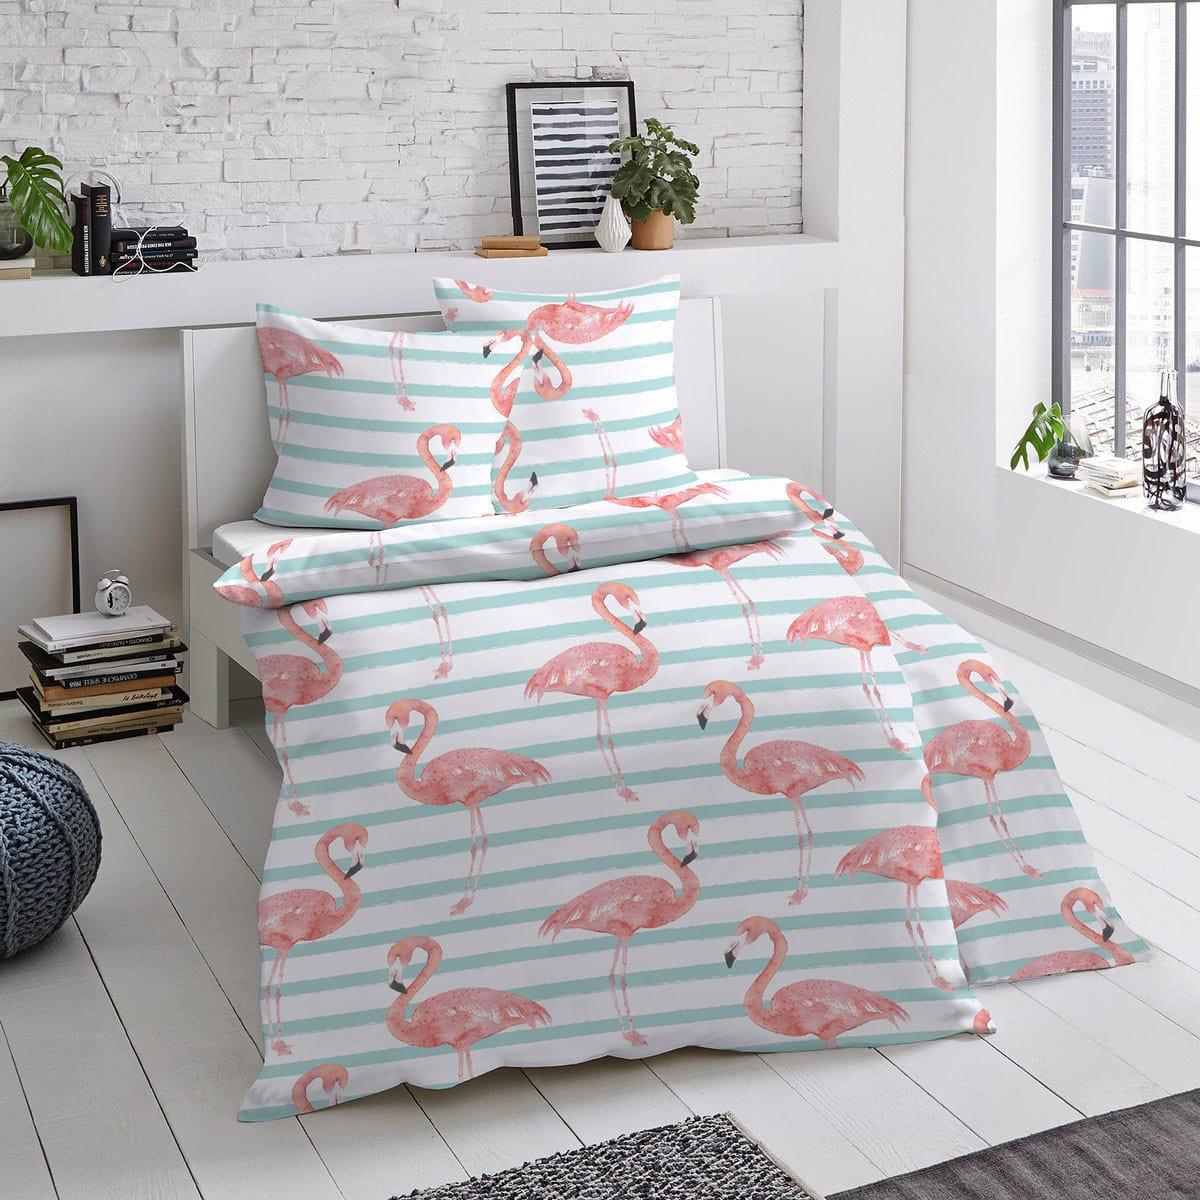 Dormisette Mako Satin Bettwäsche Flamingo Günstig Online Kaufen Bei